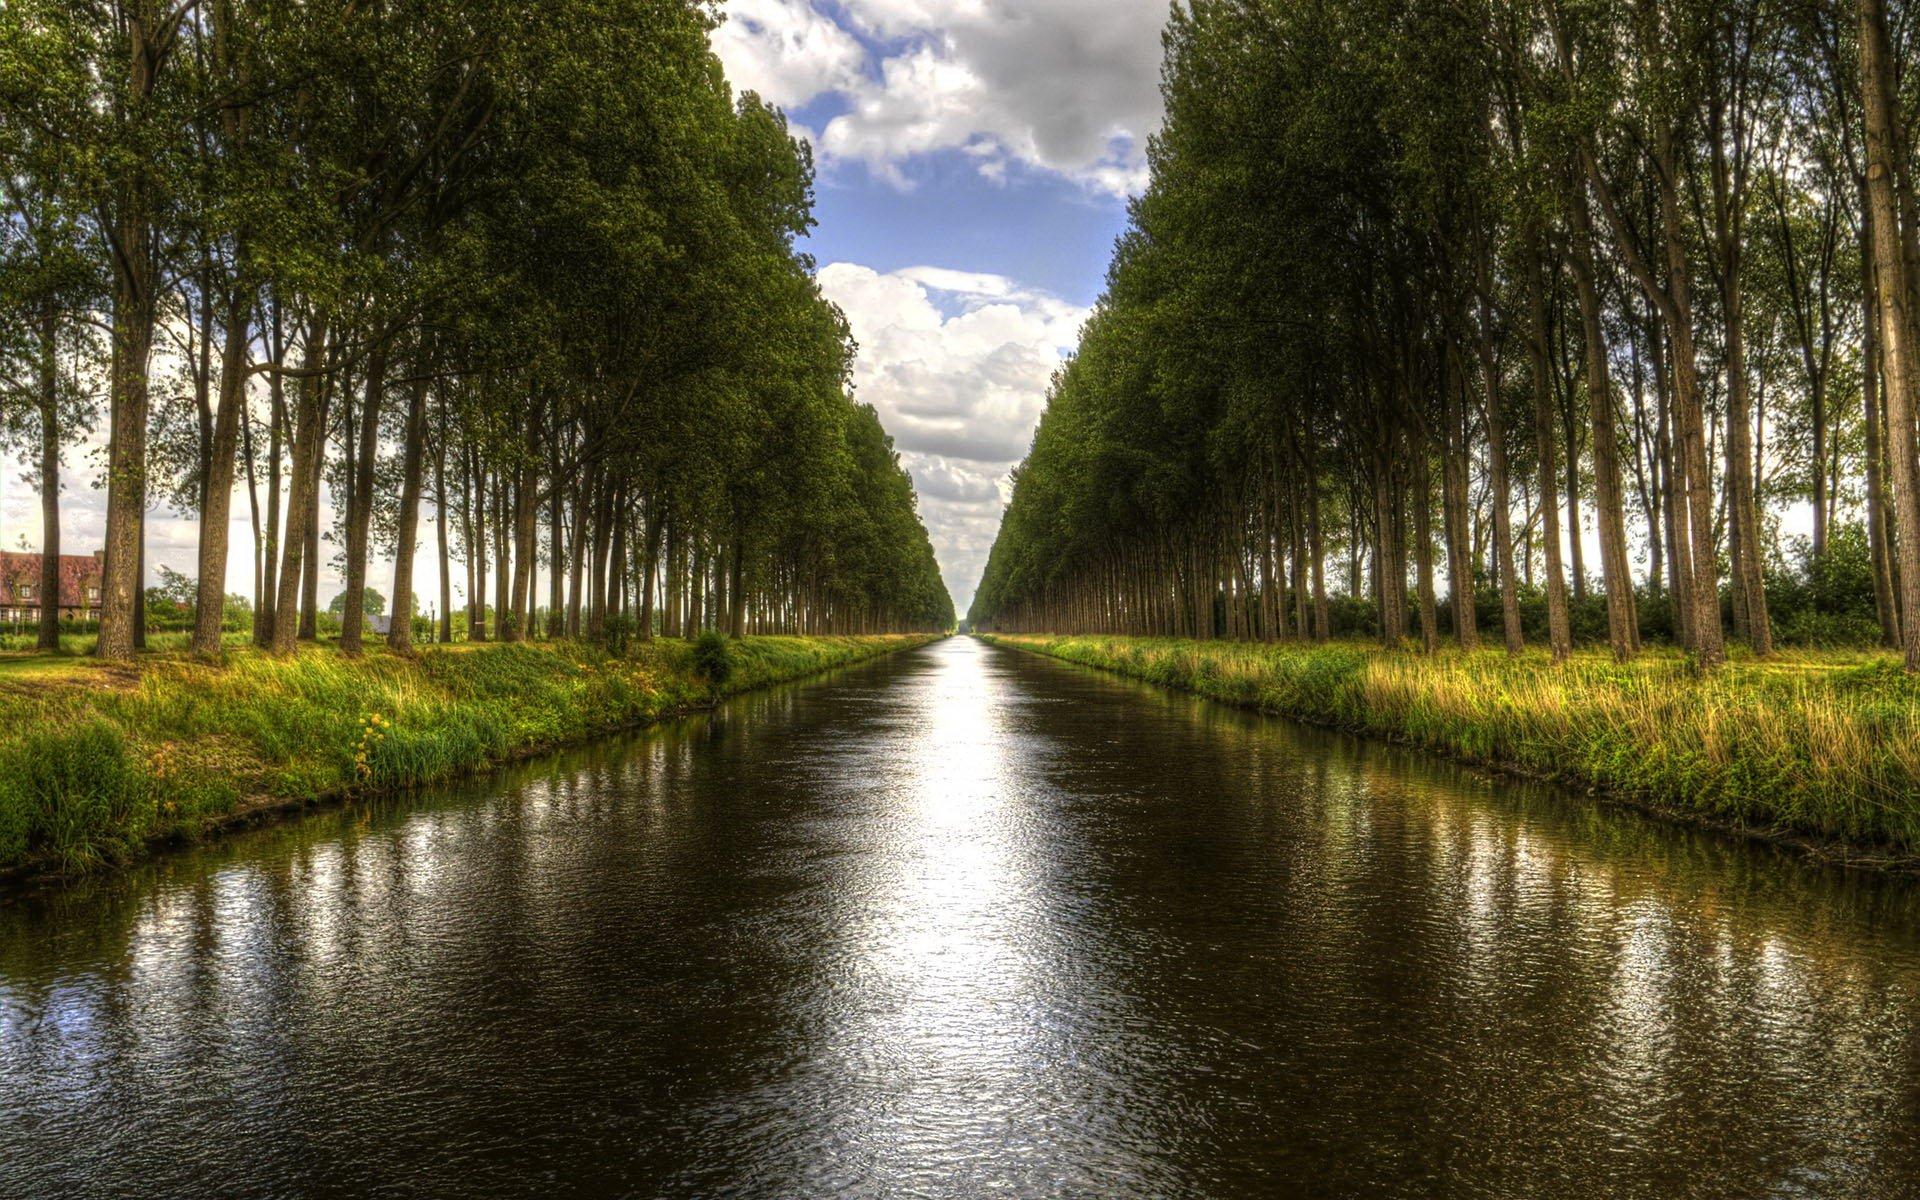 canal desktop wallpaper 51224